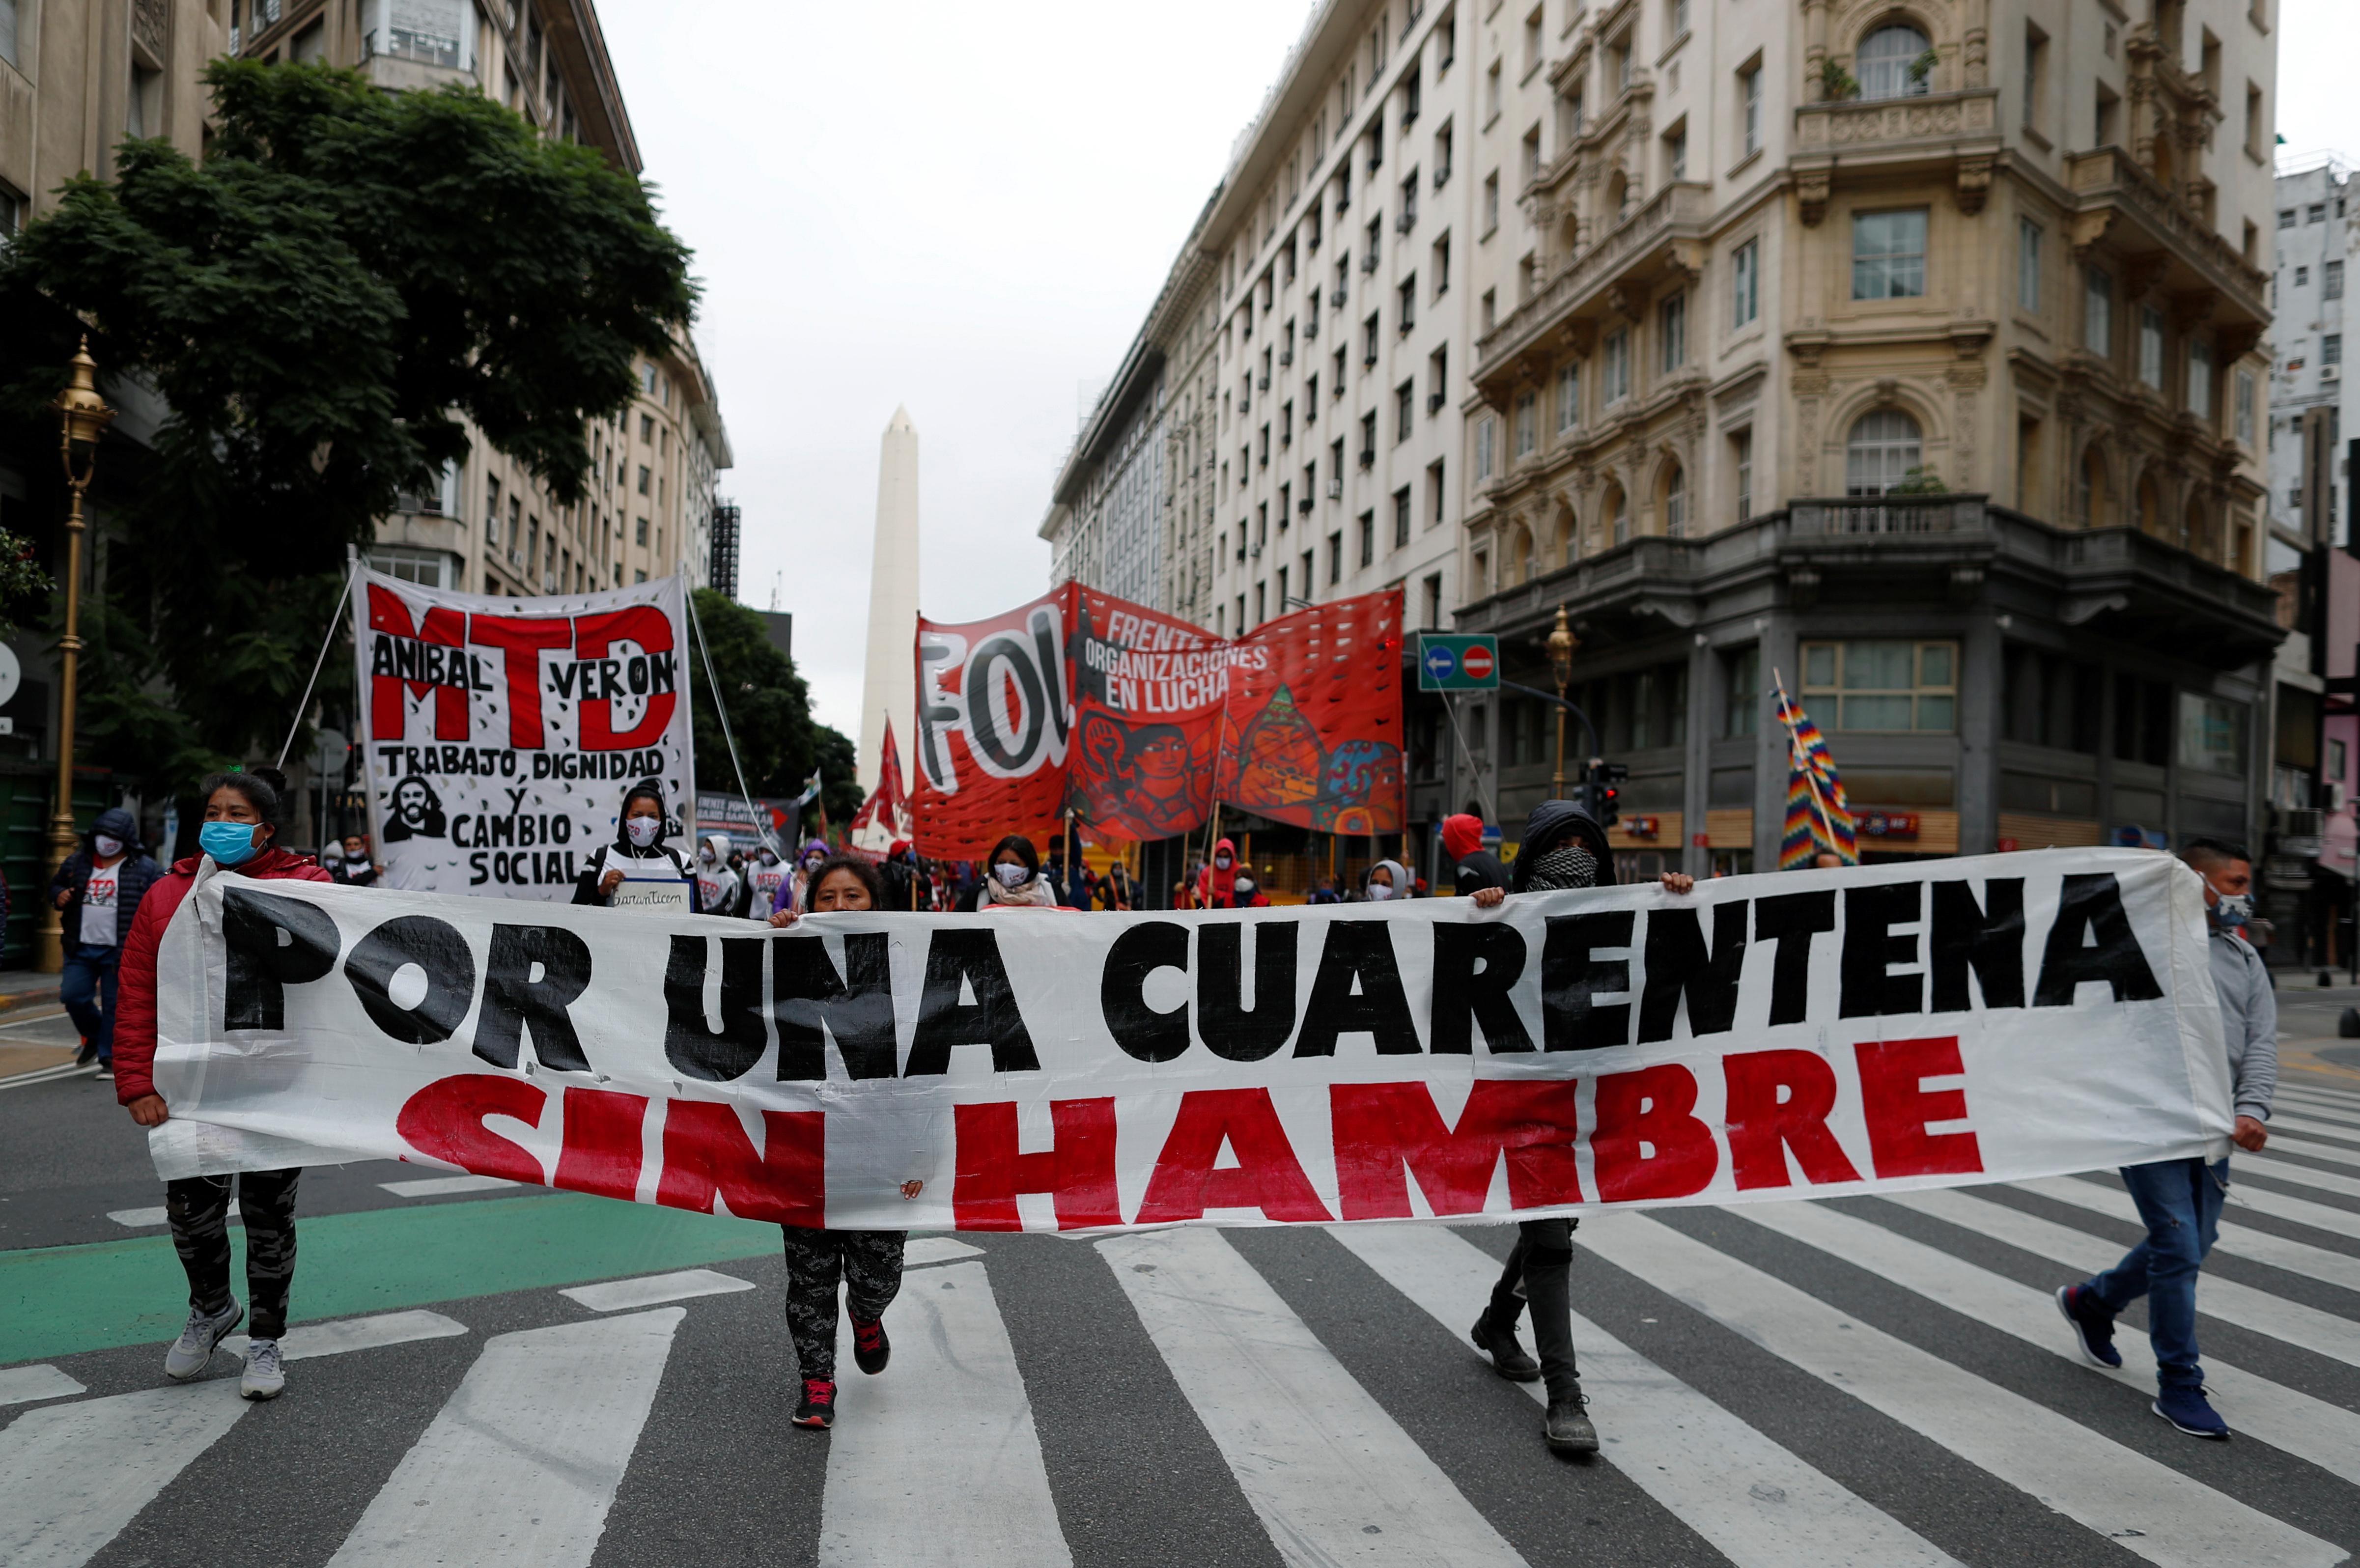 El 7 de mayo, rompiendo la cuarentena, agrupaciones políticas de izquierda y sectores sindicales se movilizaron ante la Legislatura porteña para rechazar la aprobación del proyecto de Emergencia Económica. La convocatoria fue impulsada por el Partido Obrero, el MAS y el MST junto a sectores sindicales que confrontan con el gobierno de Horacio Rodríguez Larreta.